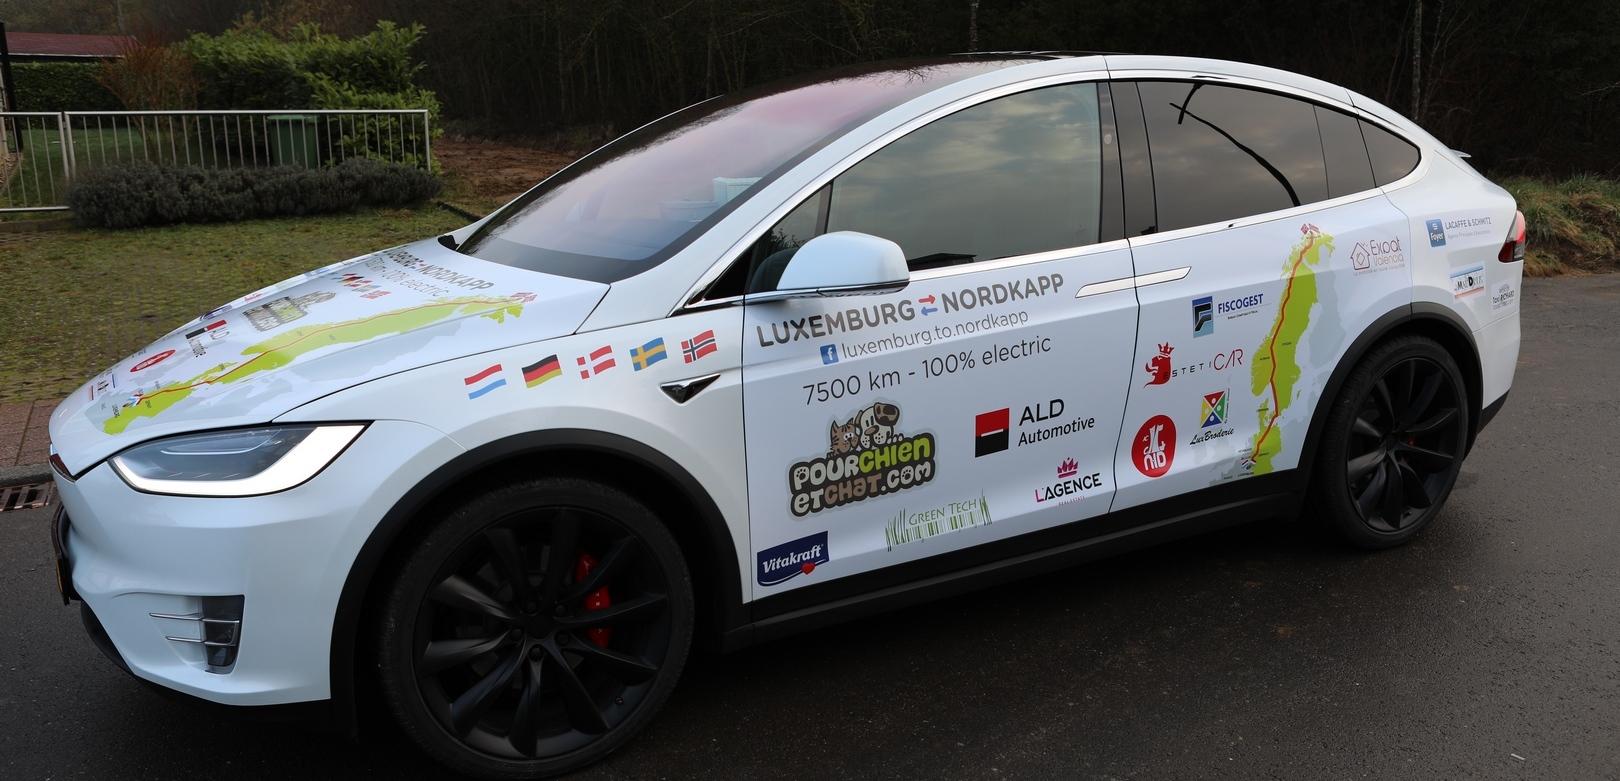 Luxembourg to Nordkapp en Tesla Model X : Rencontre avec Olivier Defoort